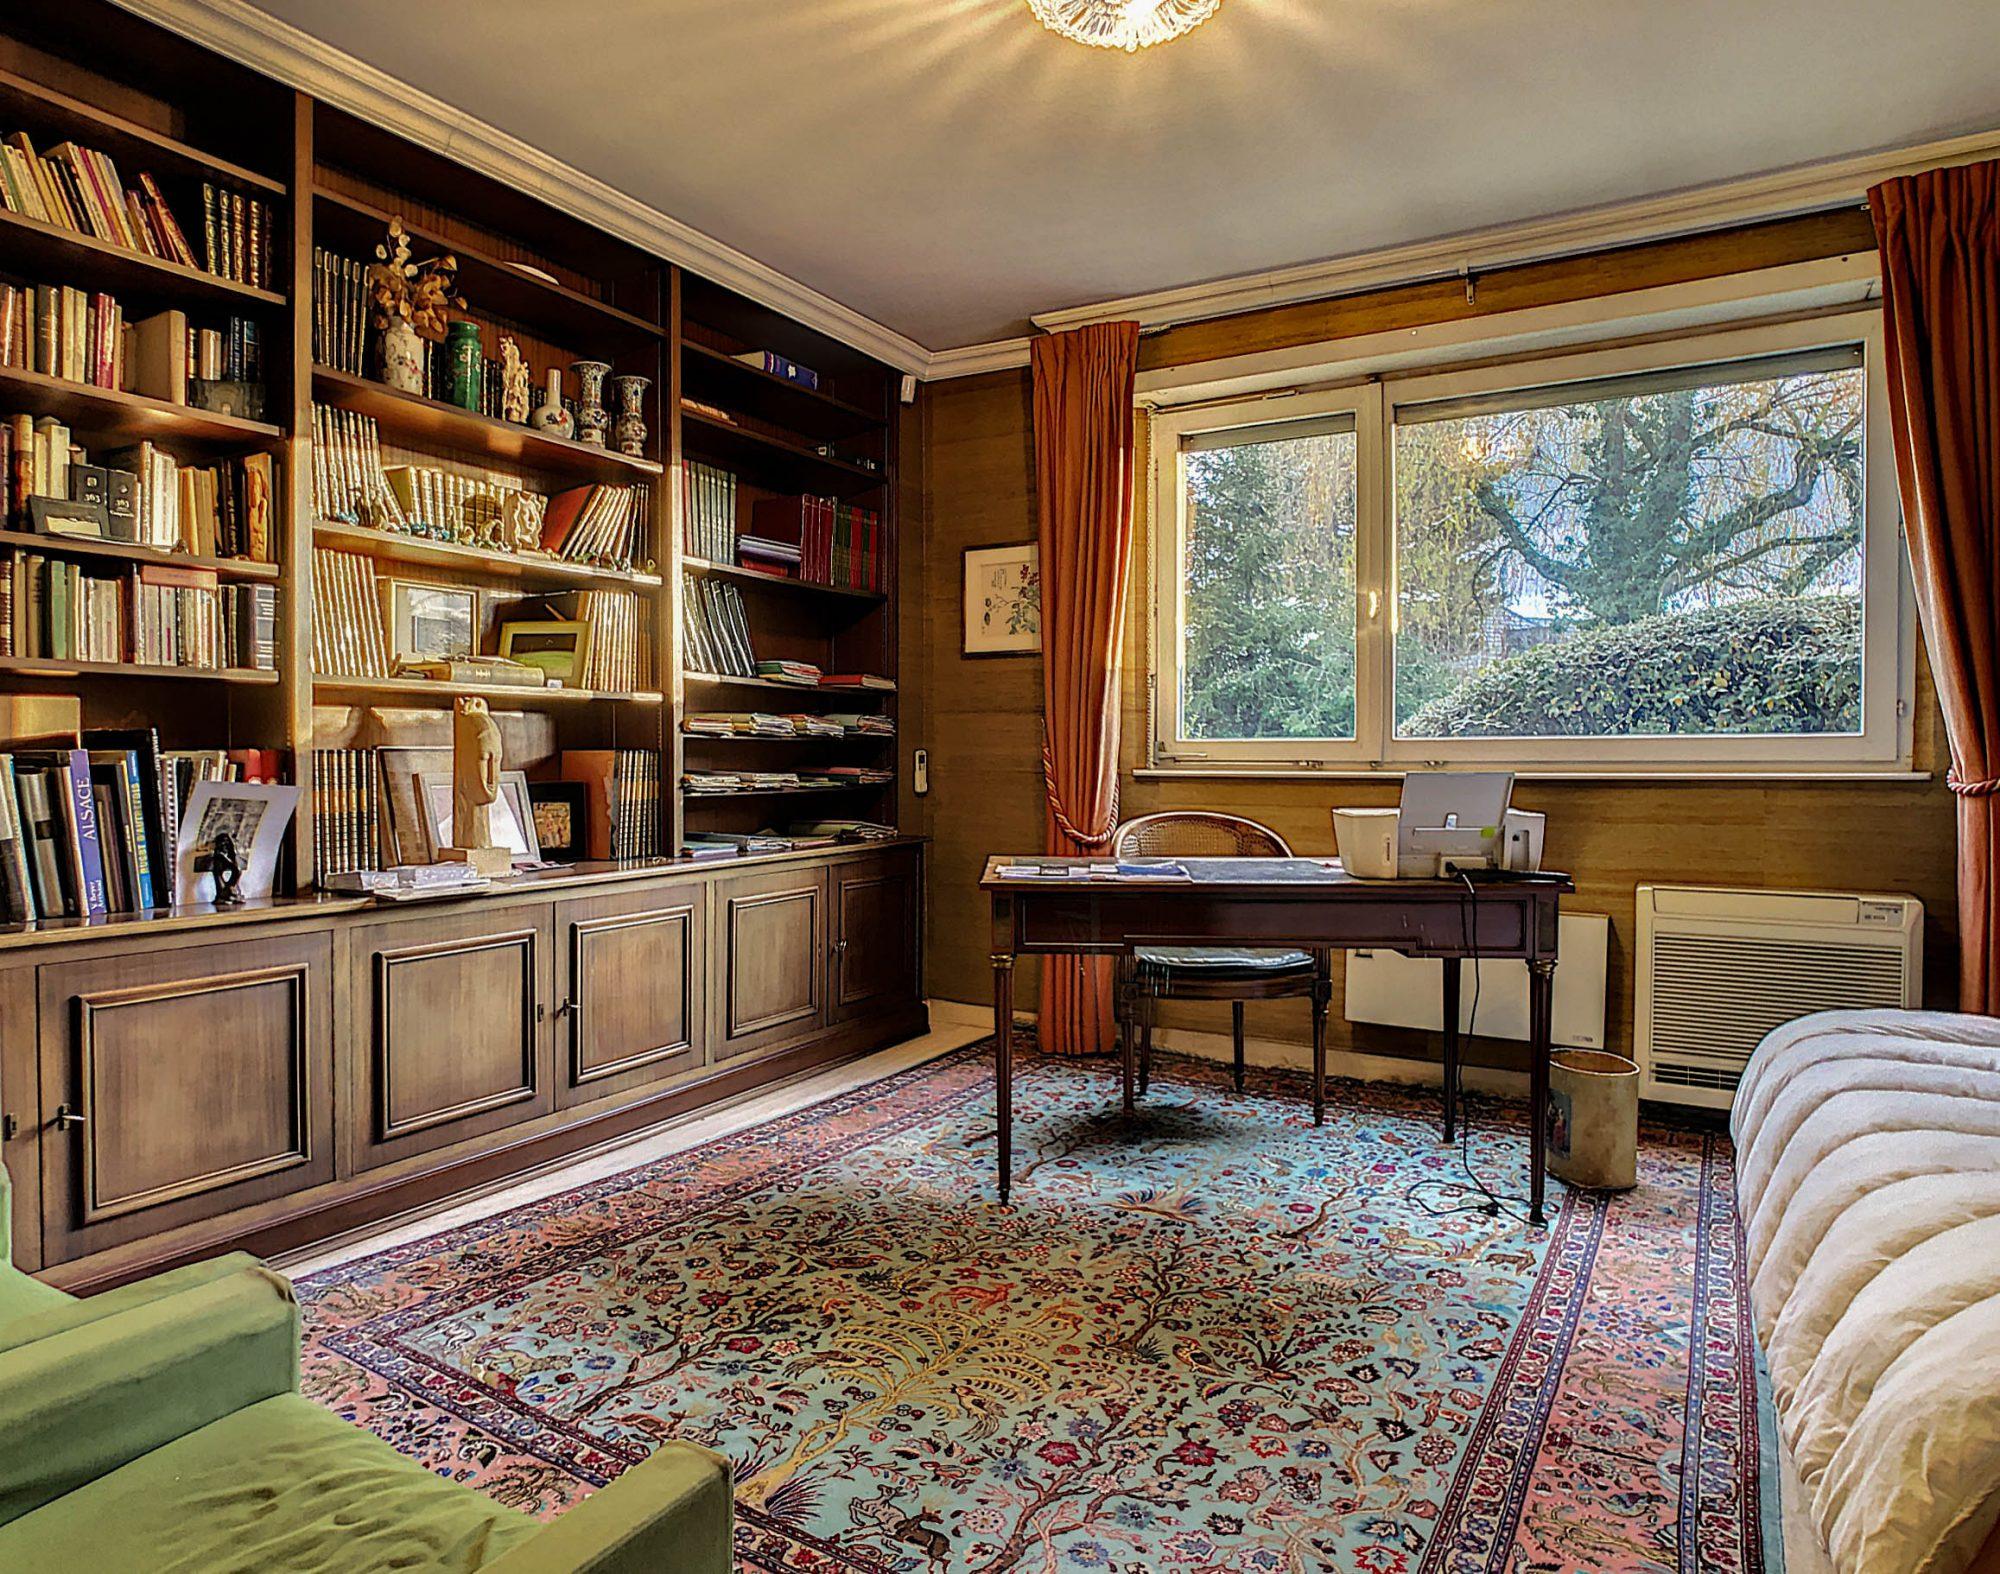 Maison individuelle 8 pièces de 250m2 à Illkirch-Graffenstaden - Devenez propriétaire en toute confiance - Bintz Immobilier - 12